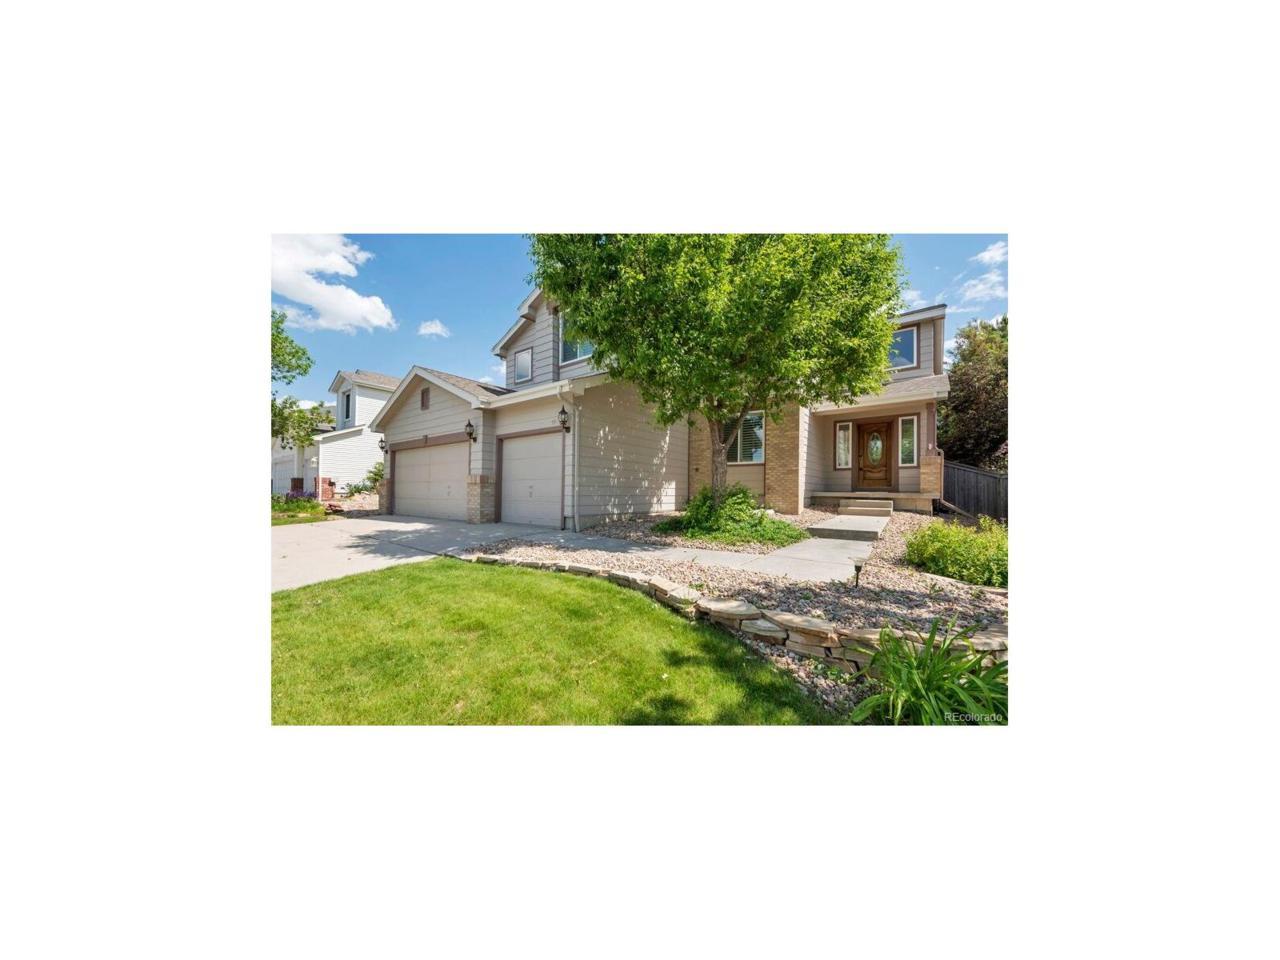 9975 Blackbird Circle, Highlands Ranch, CO 80130 (MLS #7857725) :: 8z Real Estate